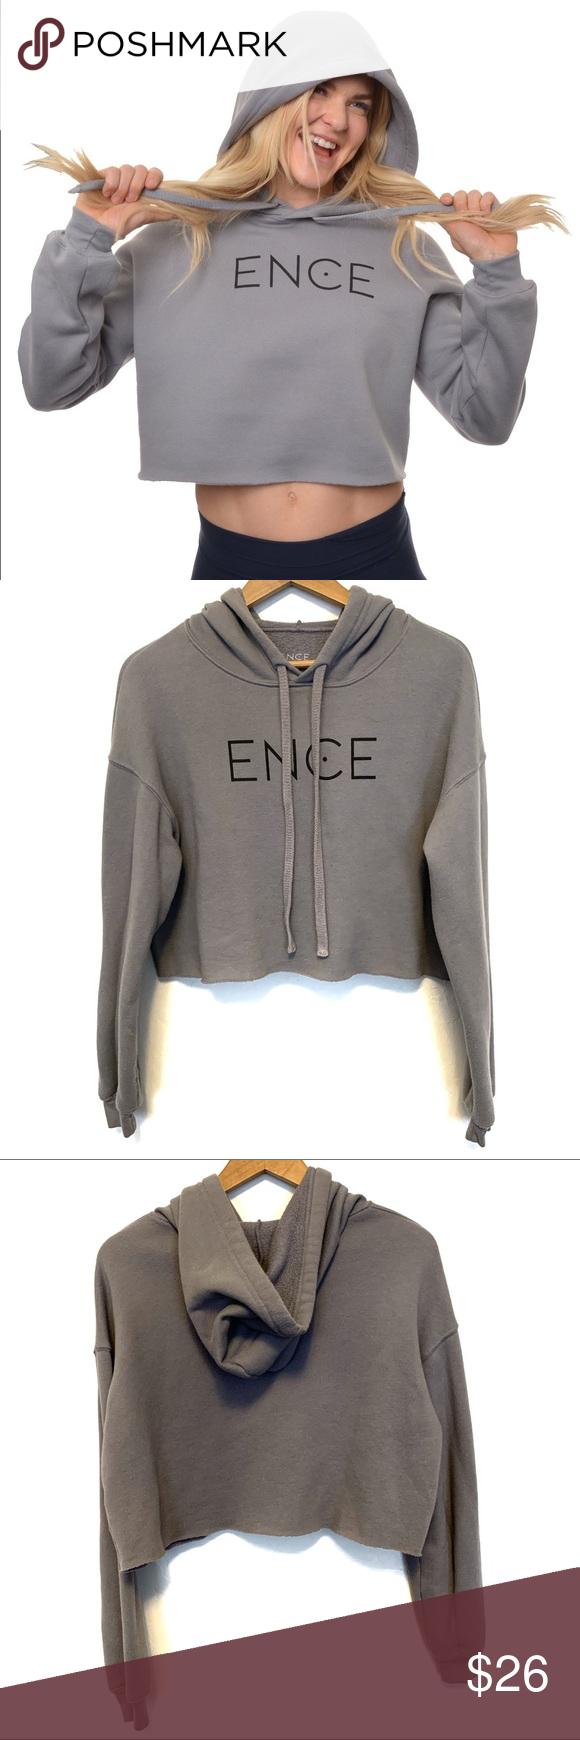 Photo of Encewear Cropped hoodie sweatshirt Encewear Cropped hoodie sweatshirt in gray. N…